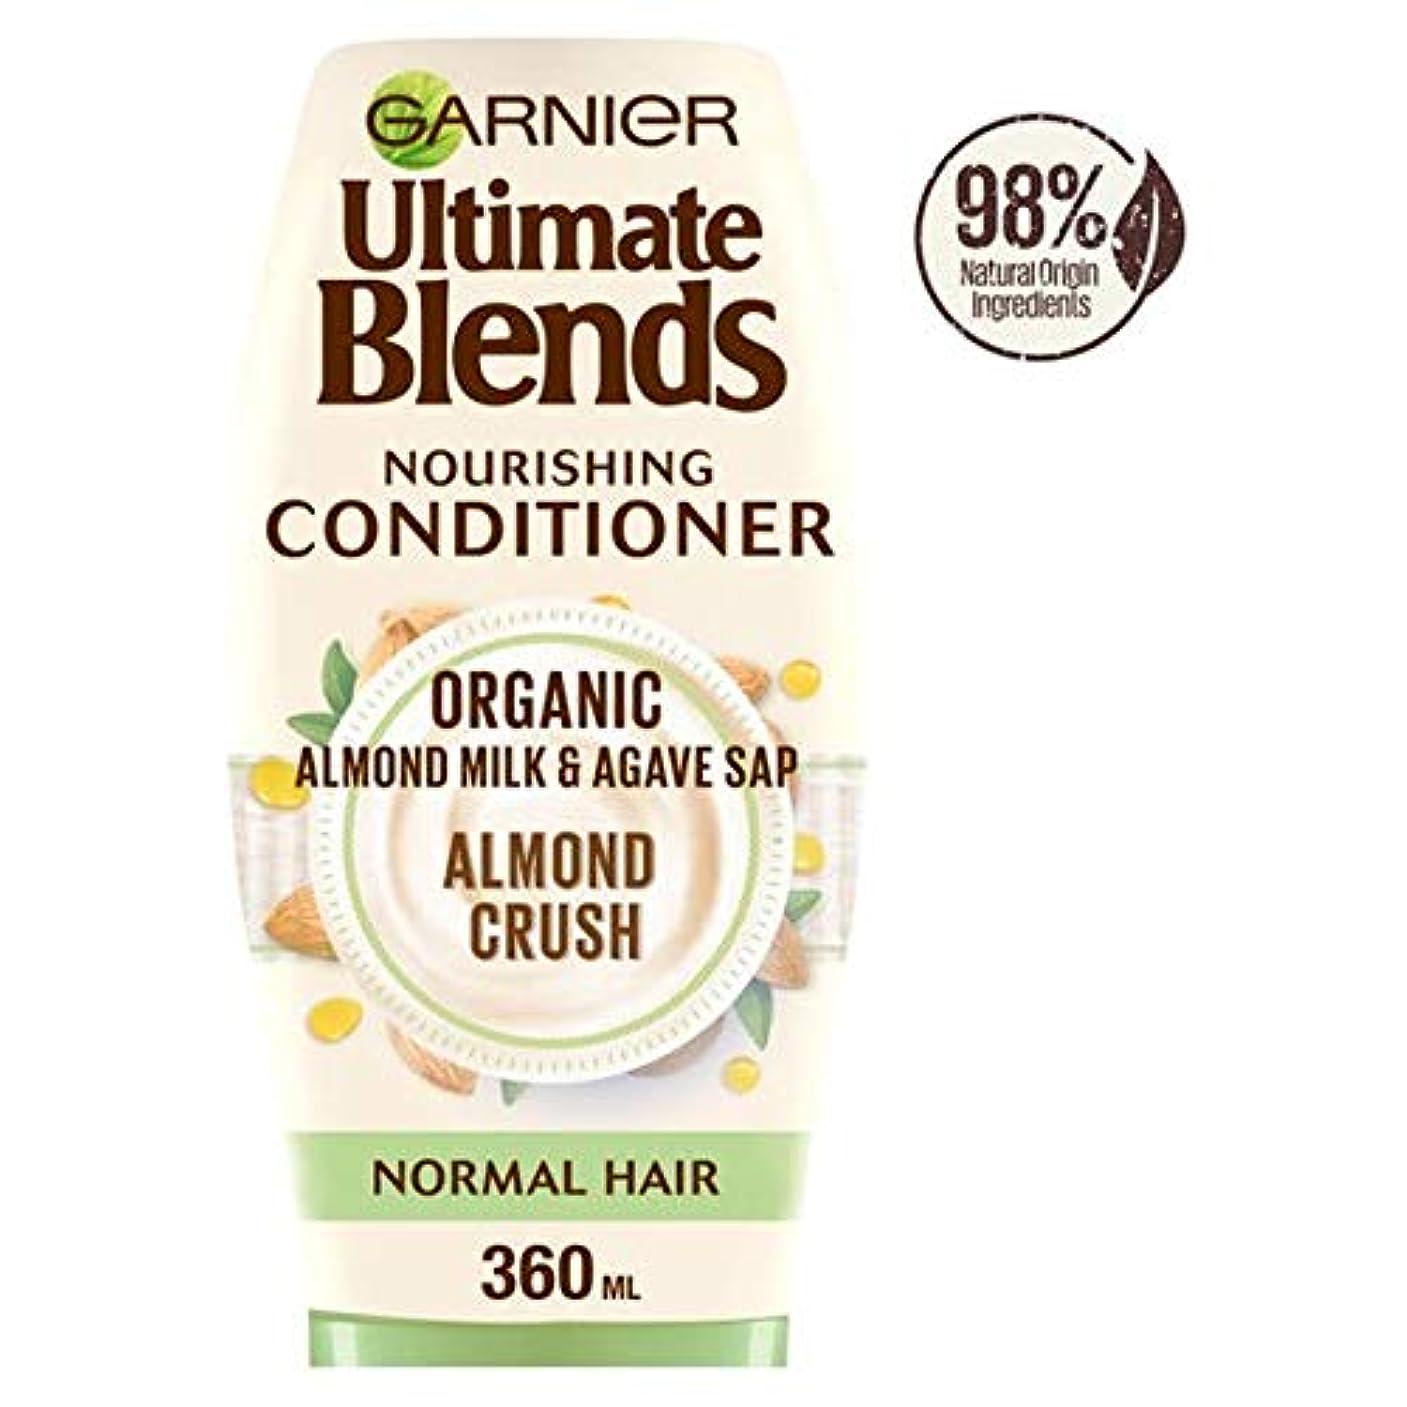 長くする定期的に遊具[Ultimate Blends ] ガルニエ究極は、アーモンドミルク、通常のヘアコンディショナー360ミリリットルをブレンド - Garnier Ultimate Blends Almond Milk Normal Hair...